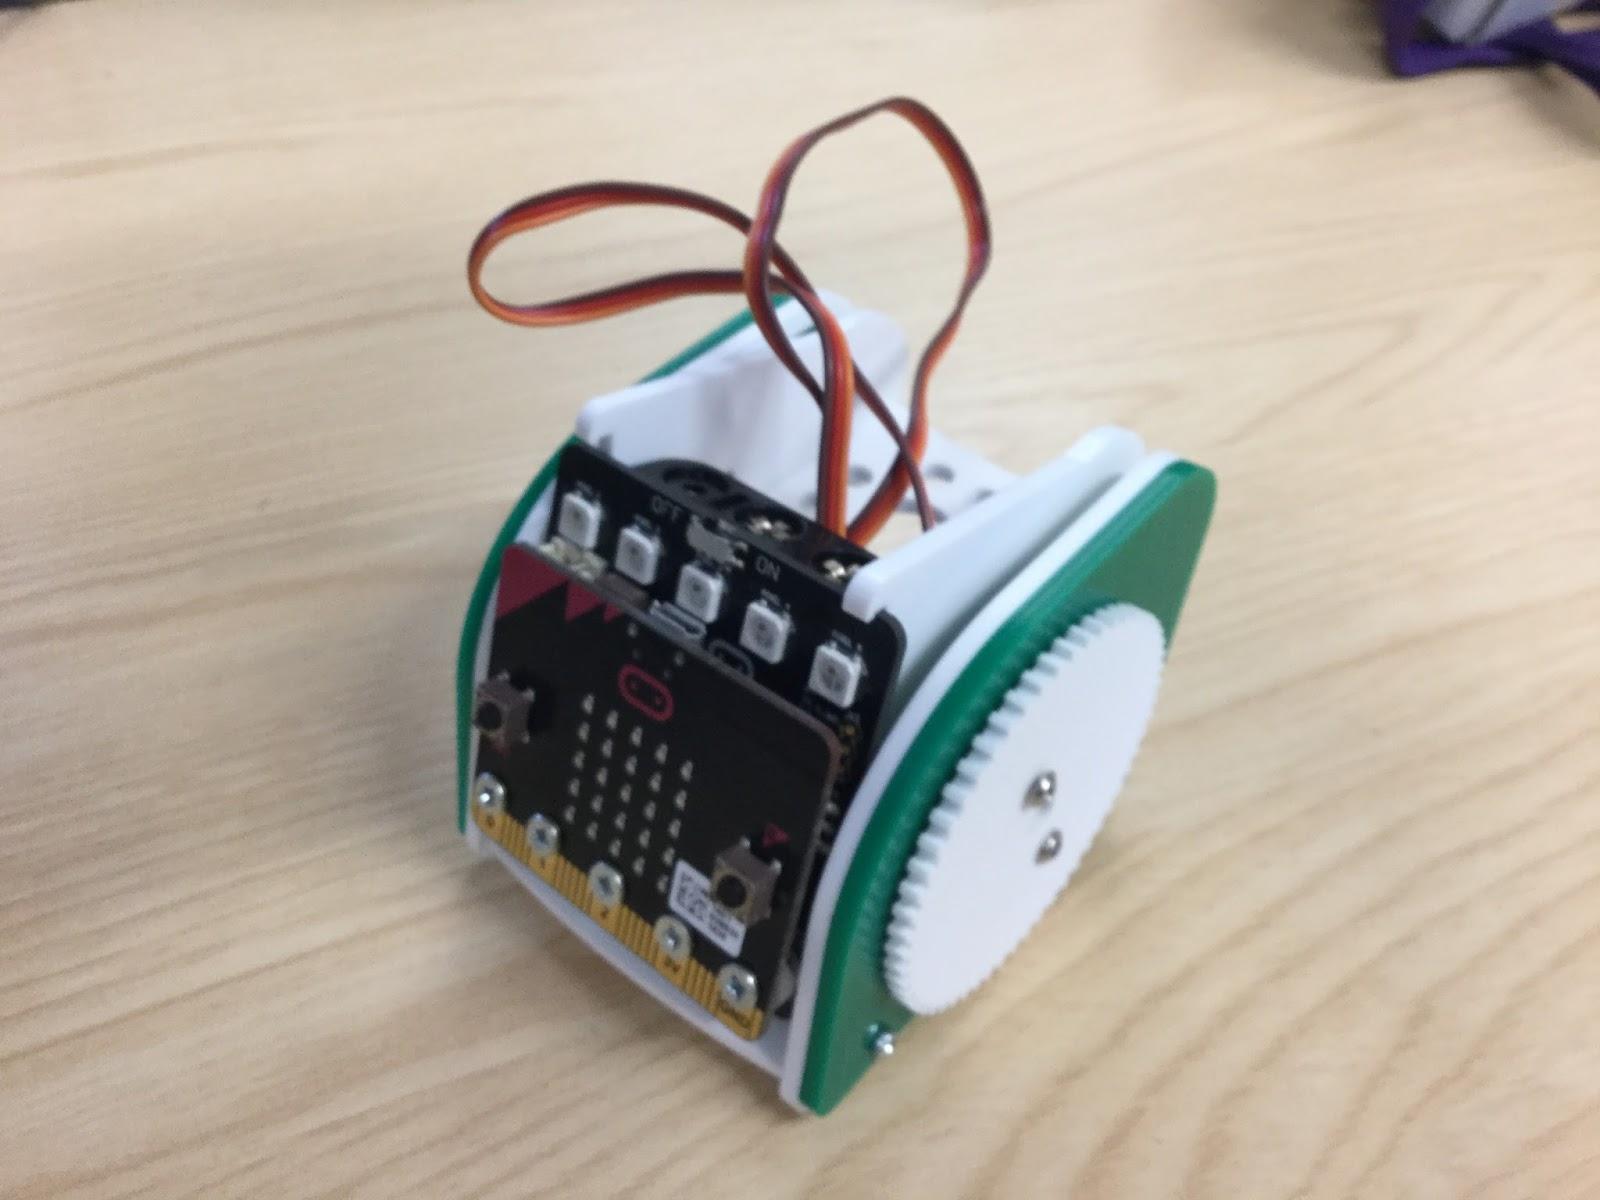 Kitronik Move Mini Buggy Javascript Blocks Electronic Circuit Simulator